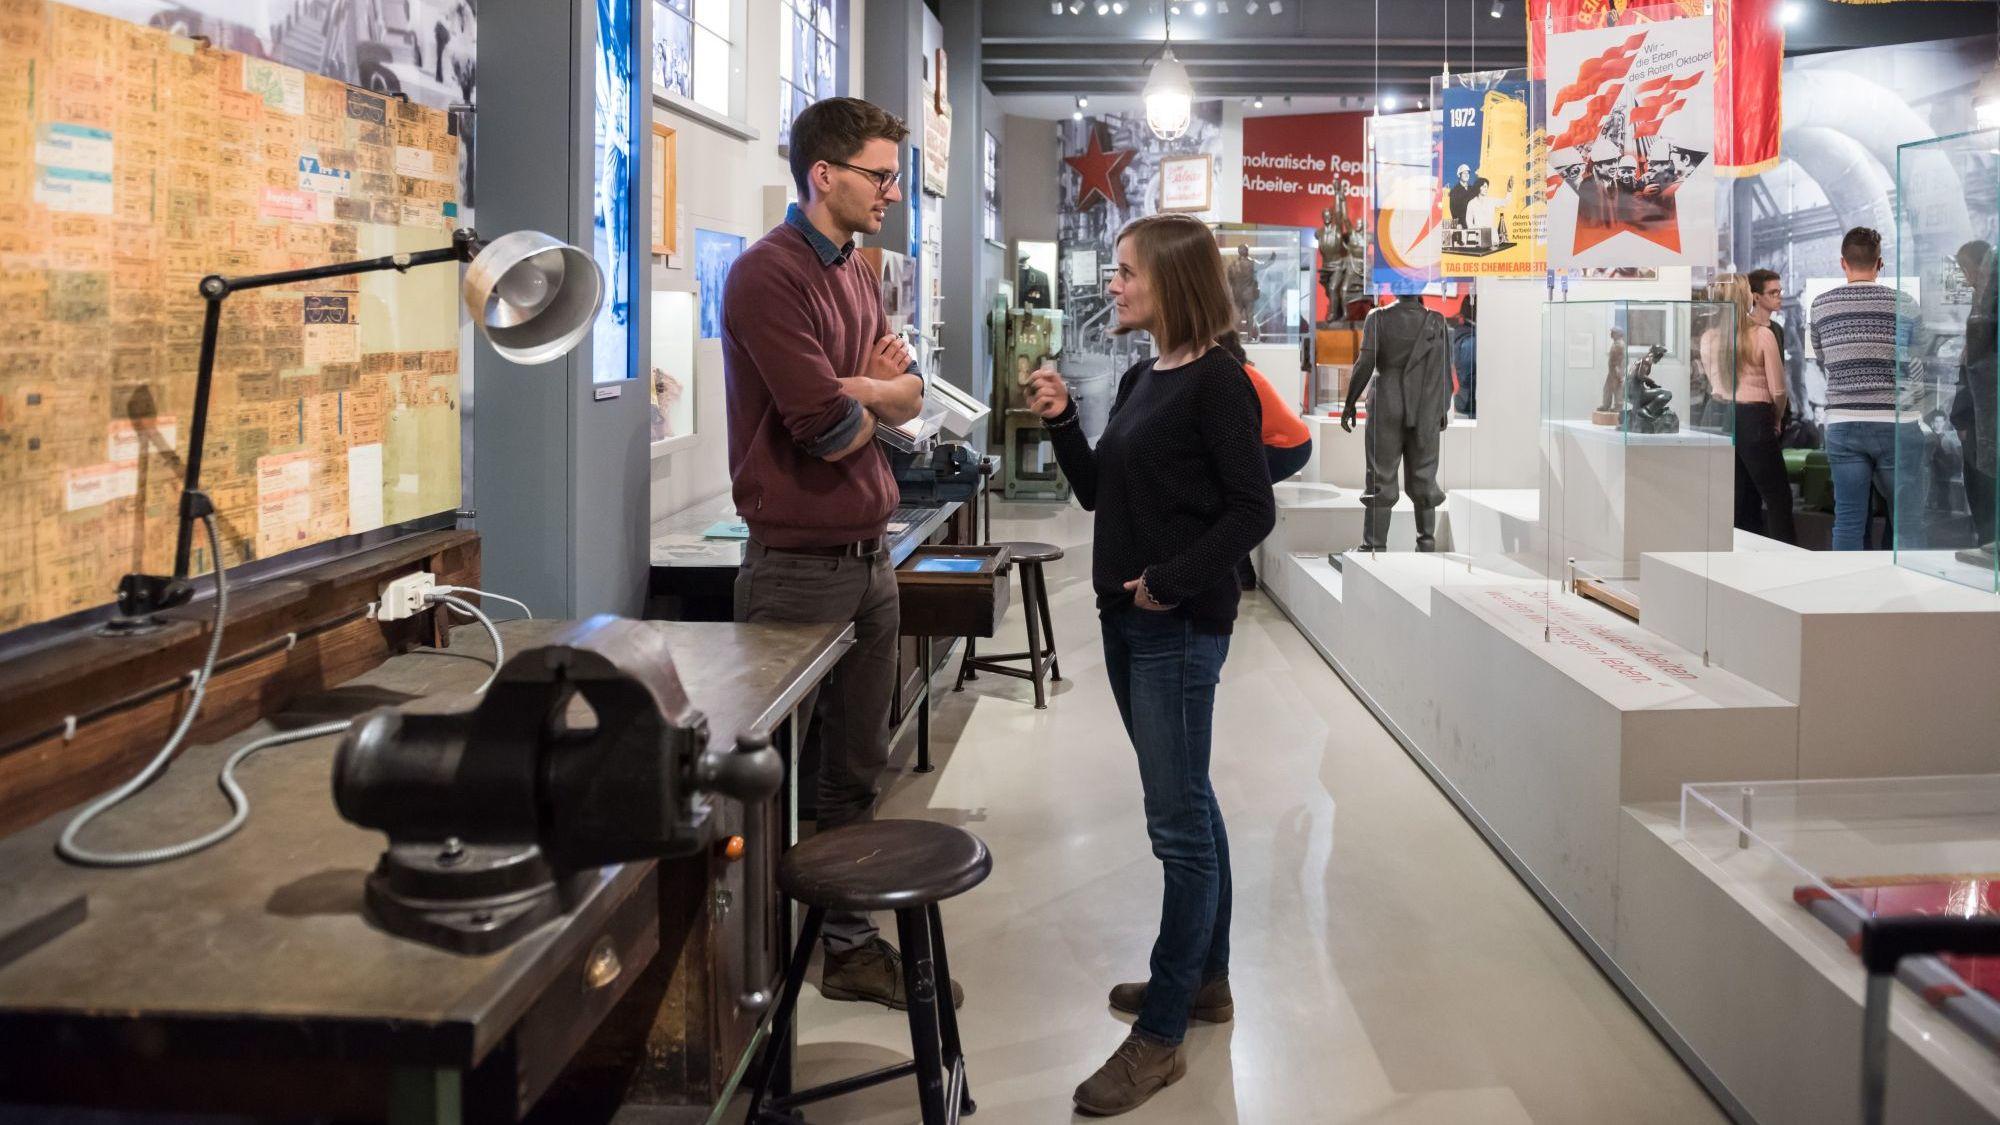 Eine junge Frau und ein junger Mann stehen in einem großen Raum, links vorne ein Werkbank, im Hintergrund unter anderem Fahnen und andere Besucher